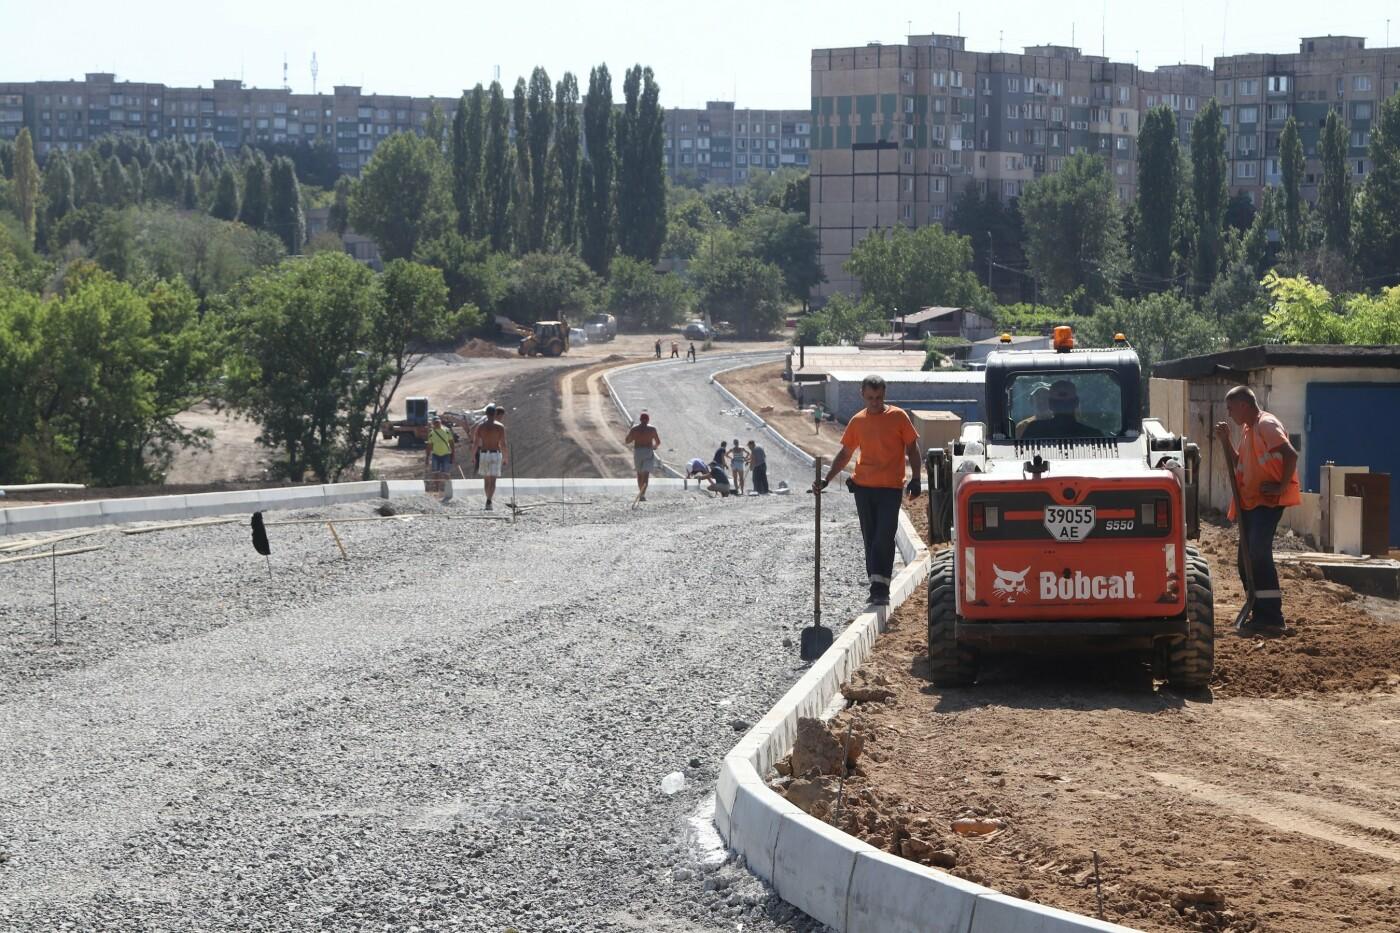 Юрій Вілкул: Продовжуємо розвиток інфраструктури Кривого Рогу - завершили два великих дорожніх проєкти з капремонту по проспекту 200-річчя..., фото-4